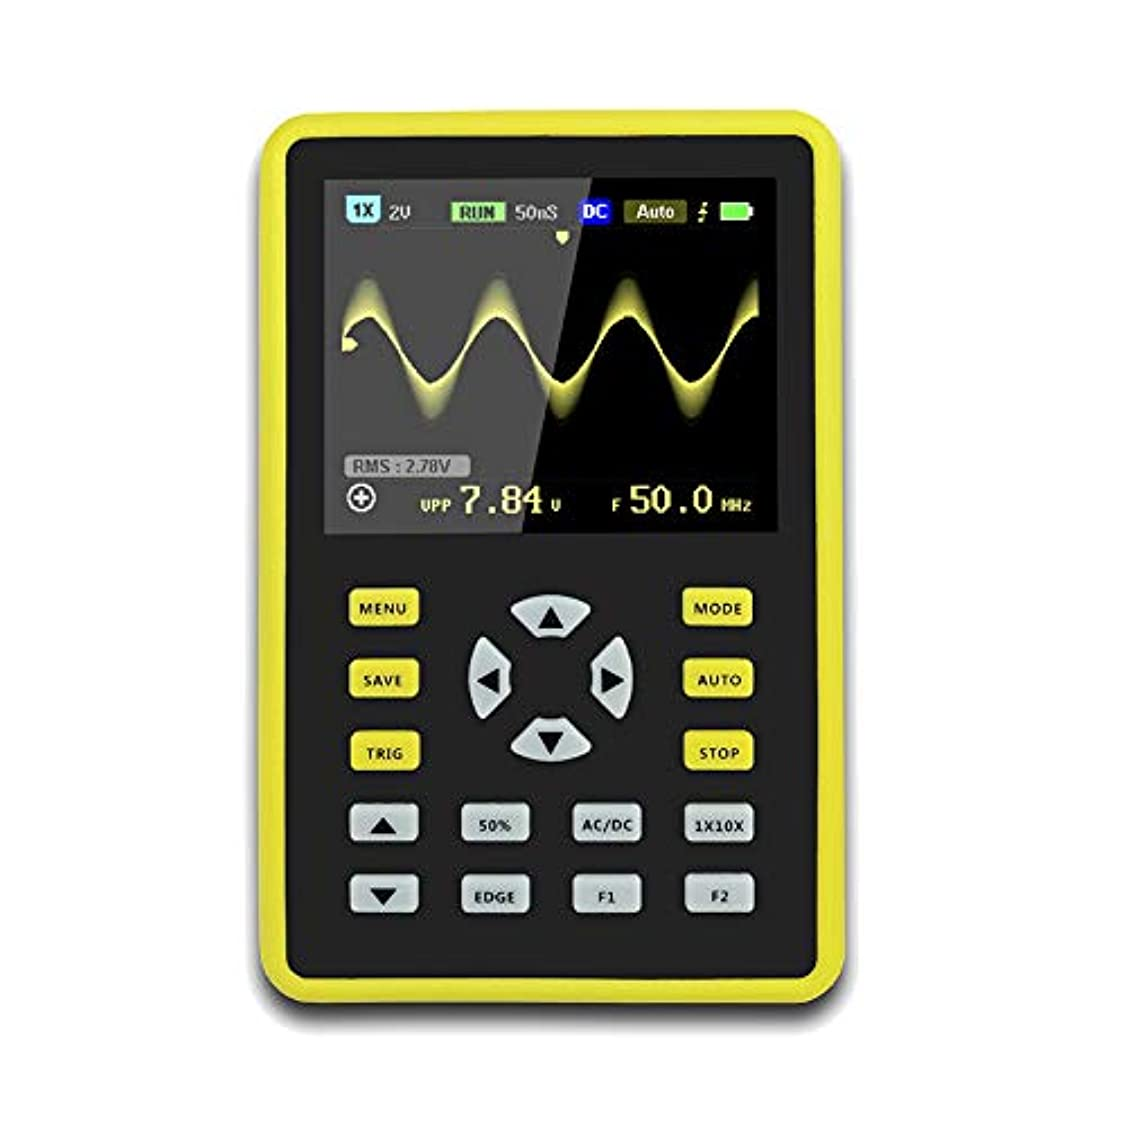 理想的セーブ投票CoolTack  手持ち型デジタル小型オシロスコープ2.4インチ500 MS/s IPS LCD表示スクリーンの携帯用